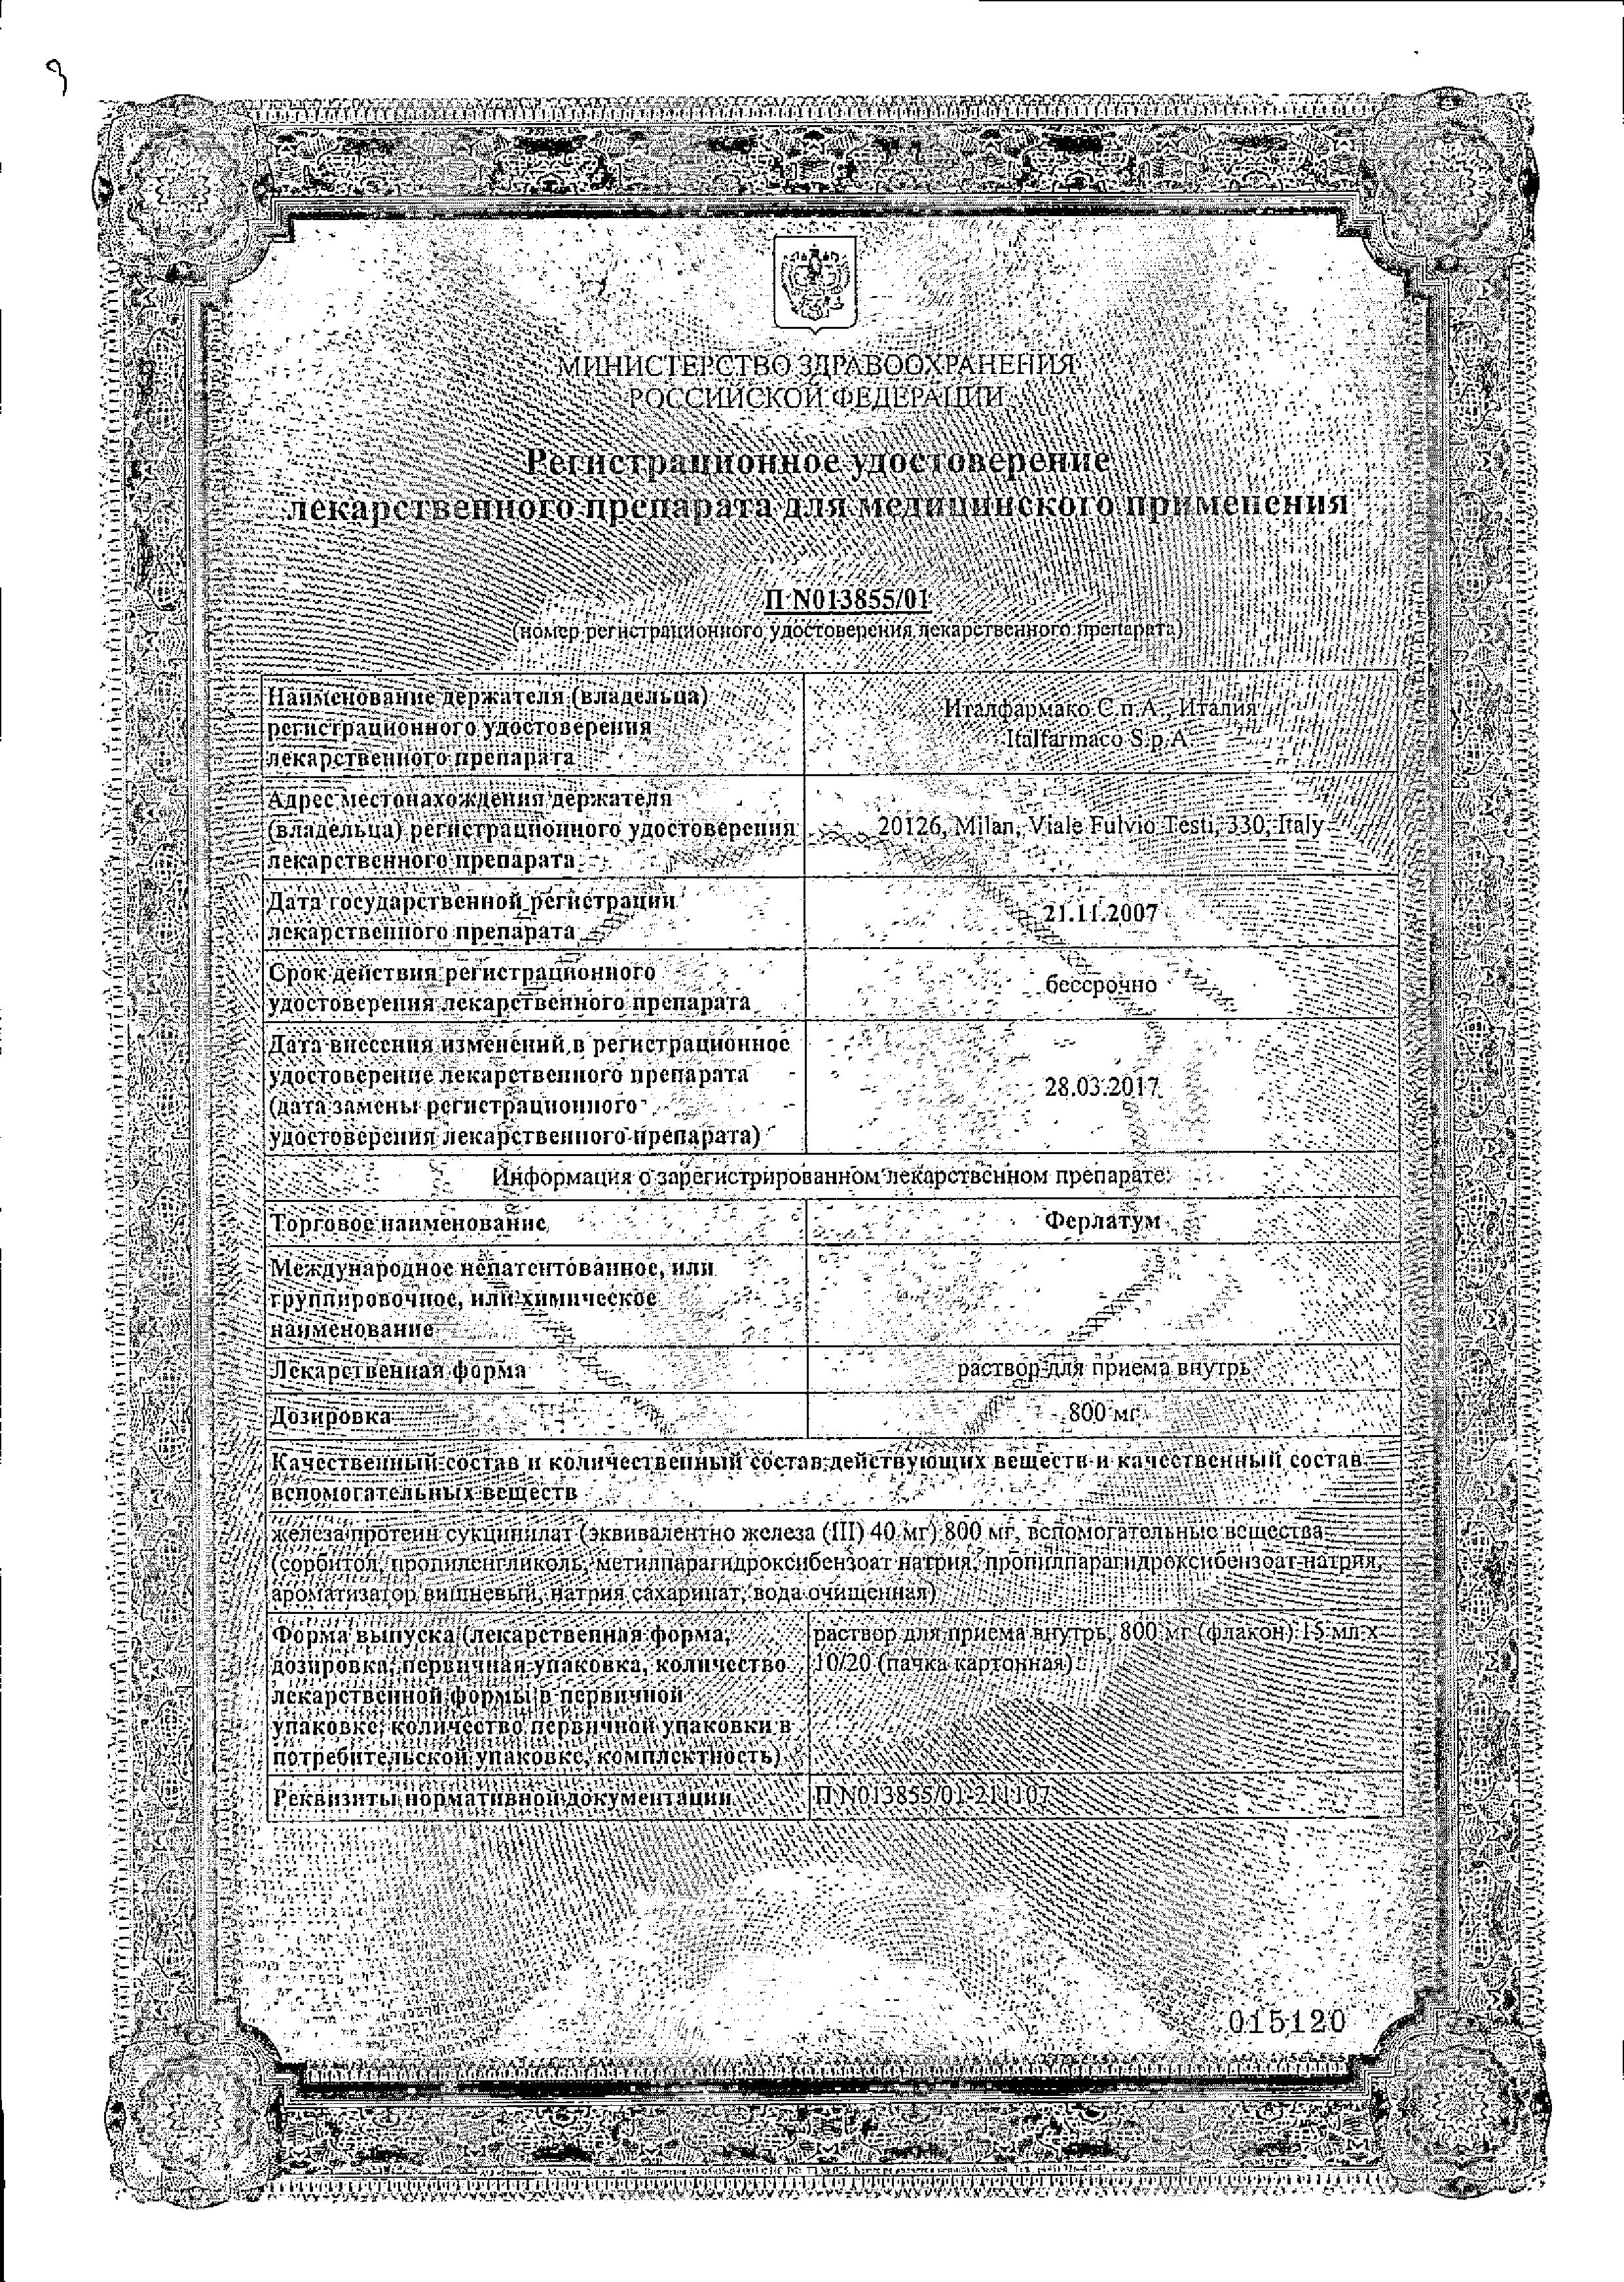 Ферлатум сертификат